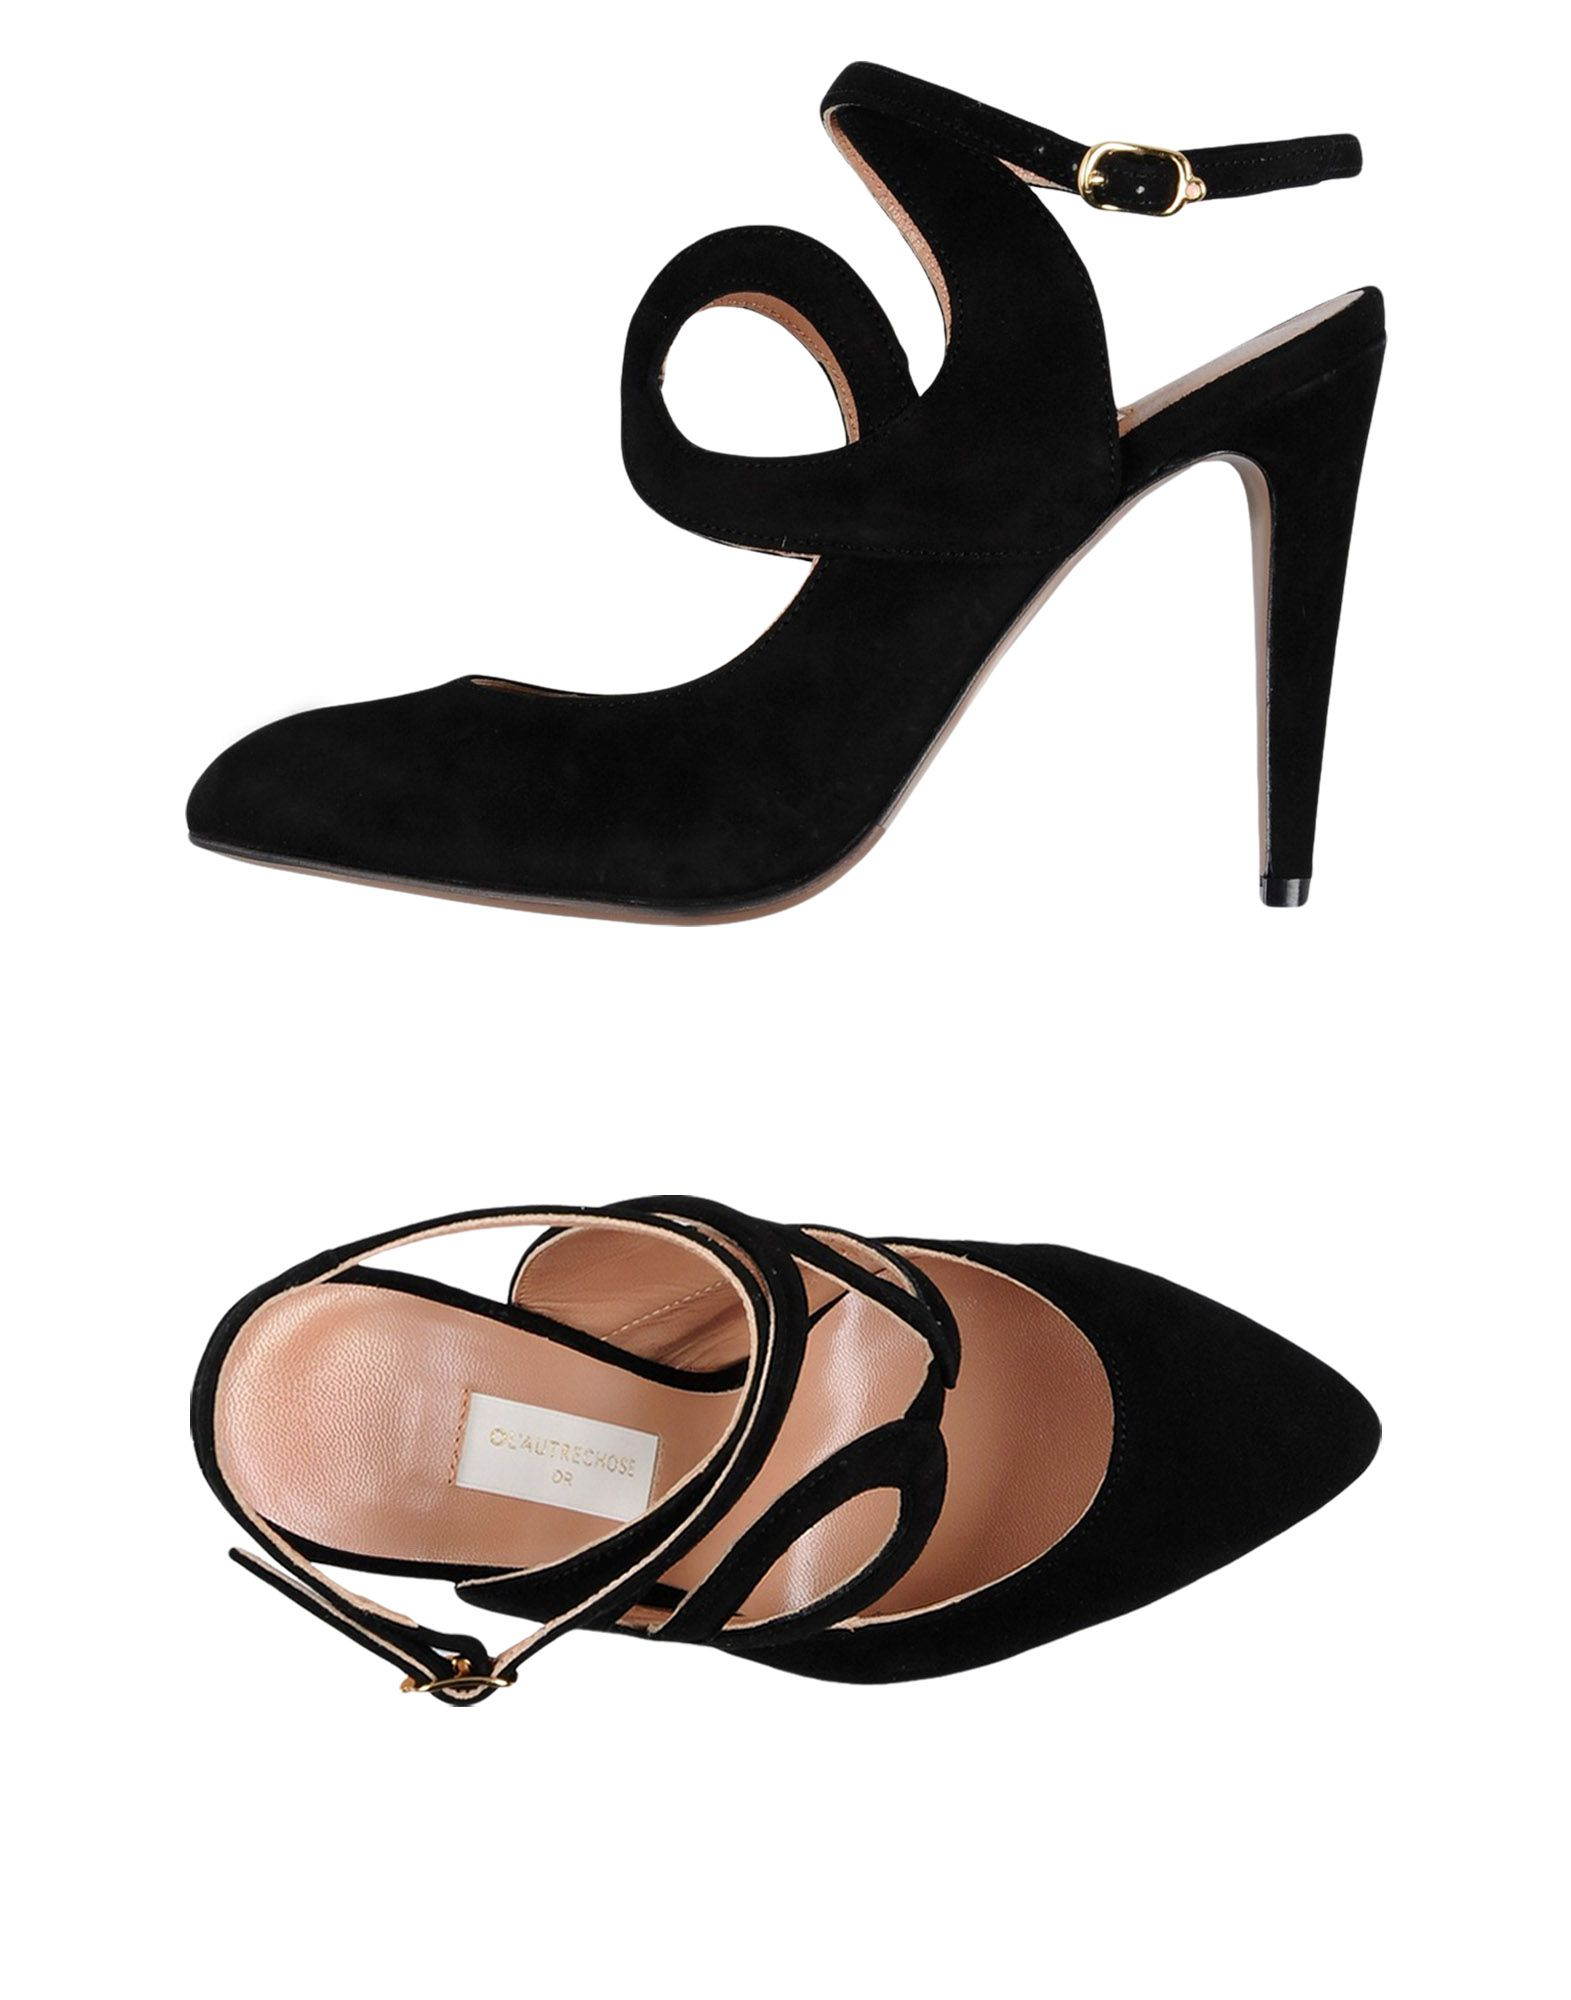 Stilvolle billige Schuhe Damen L' Autre Chose Pumps Damen Schuhe  11487461IQ e6a830